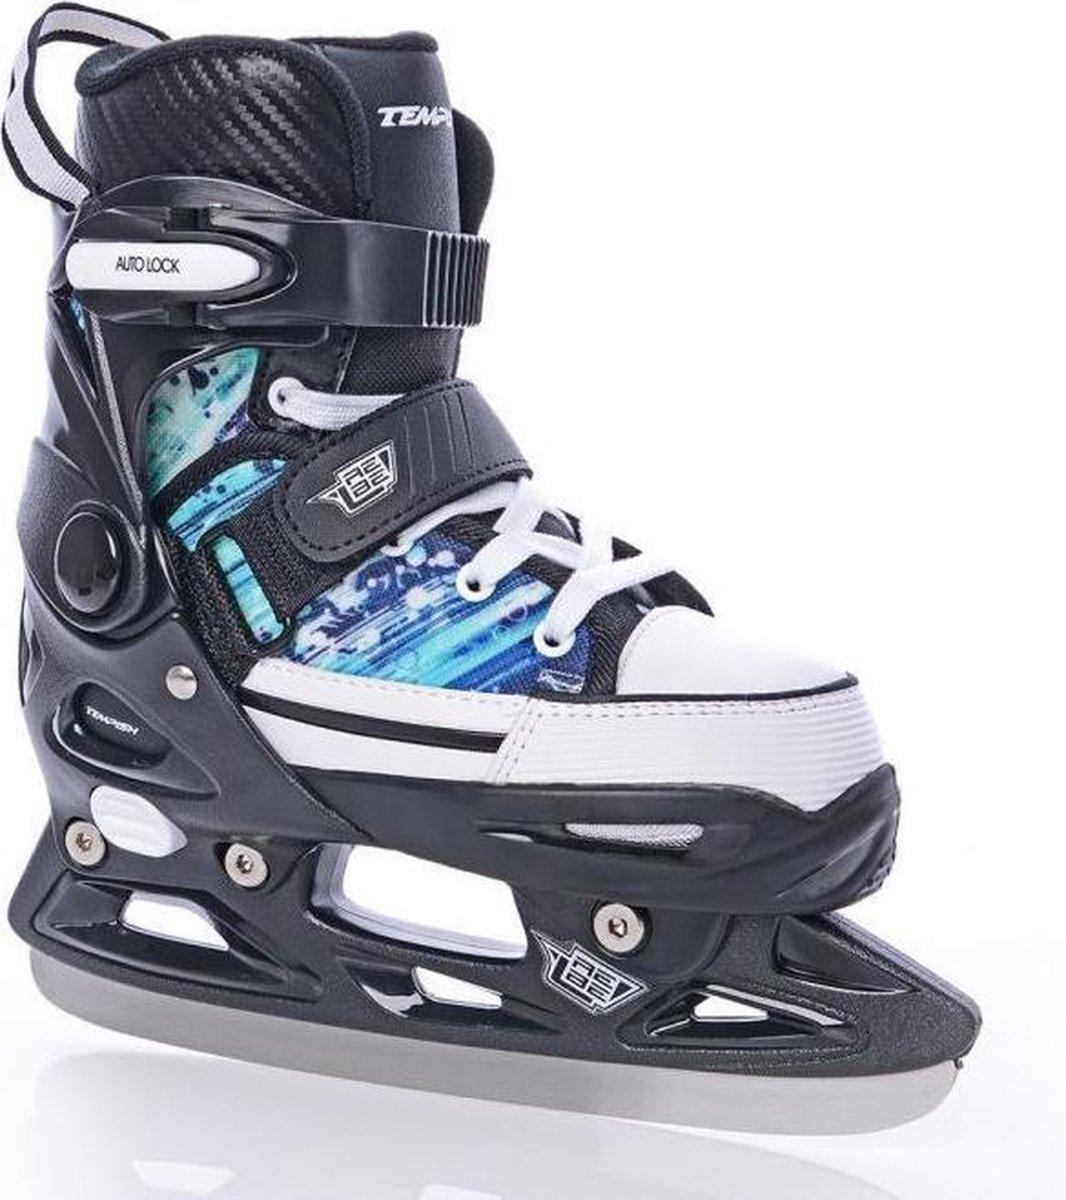 Tempish - Rebel ice one pro boy - Verstelbare schaatsen - Maat 40-43